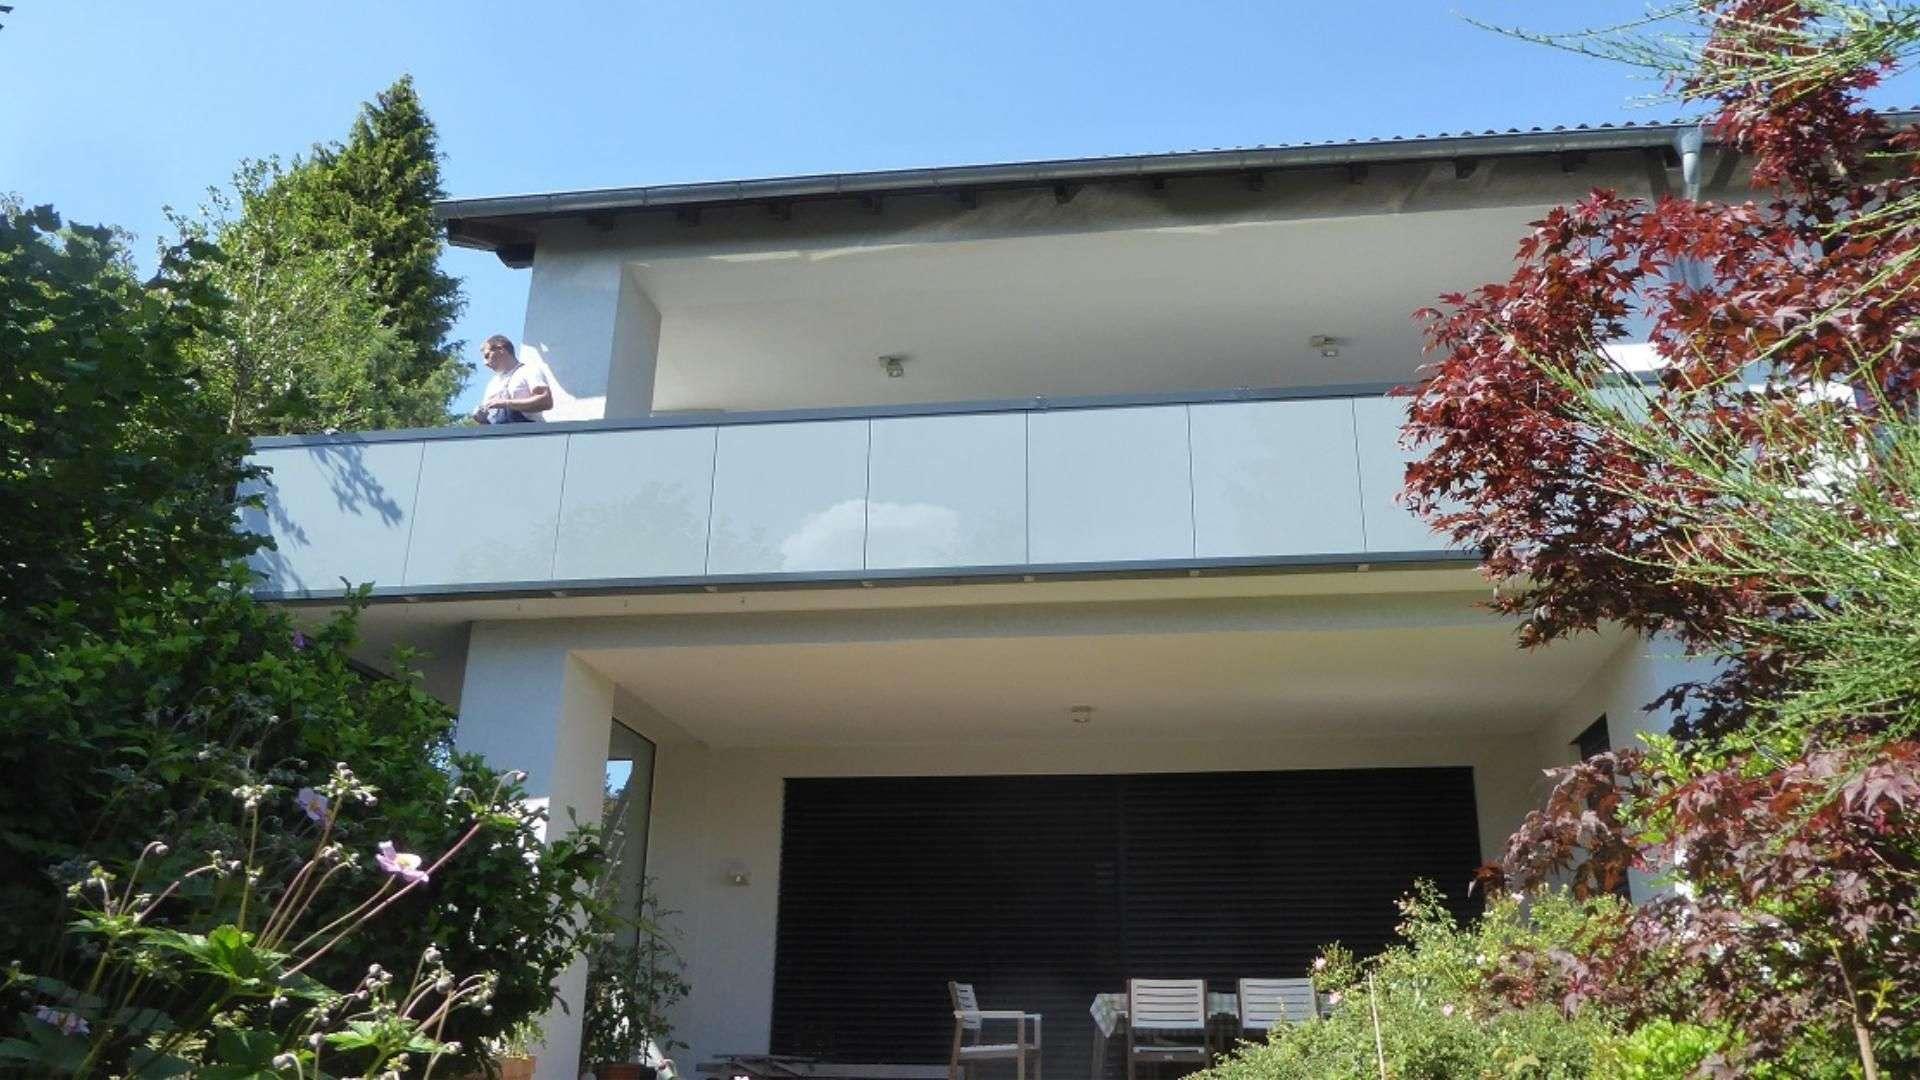 Verglaster Balkon an einem Haus